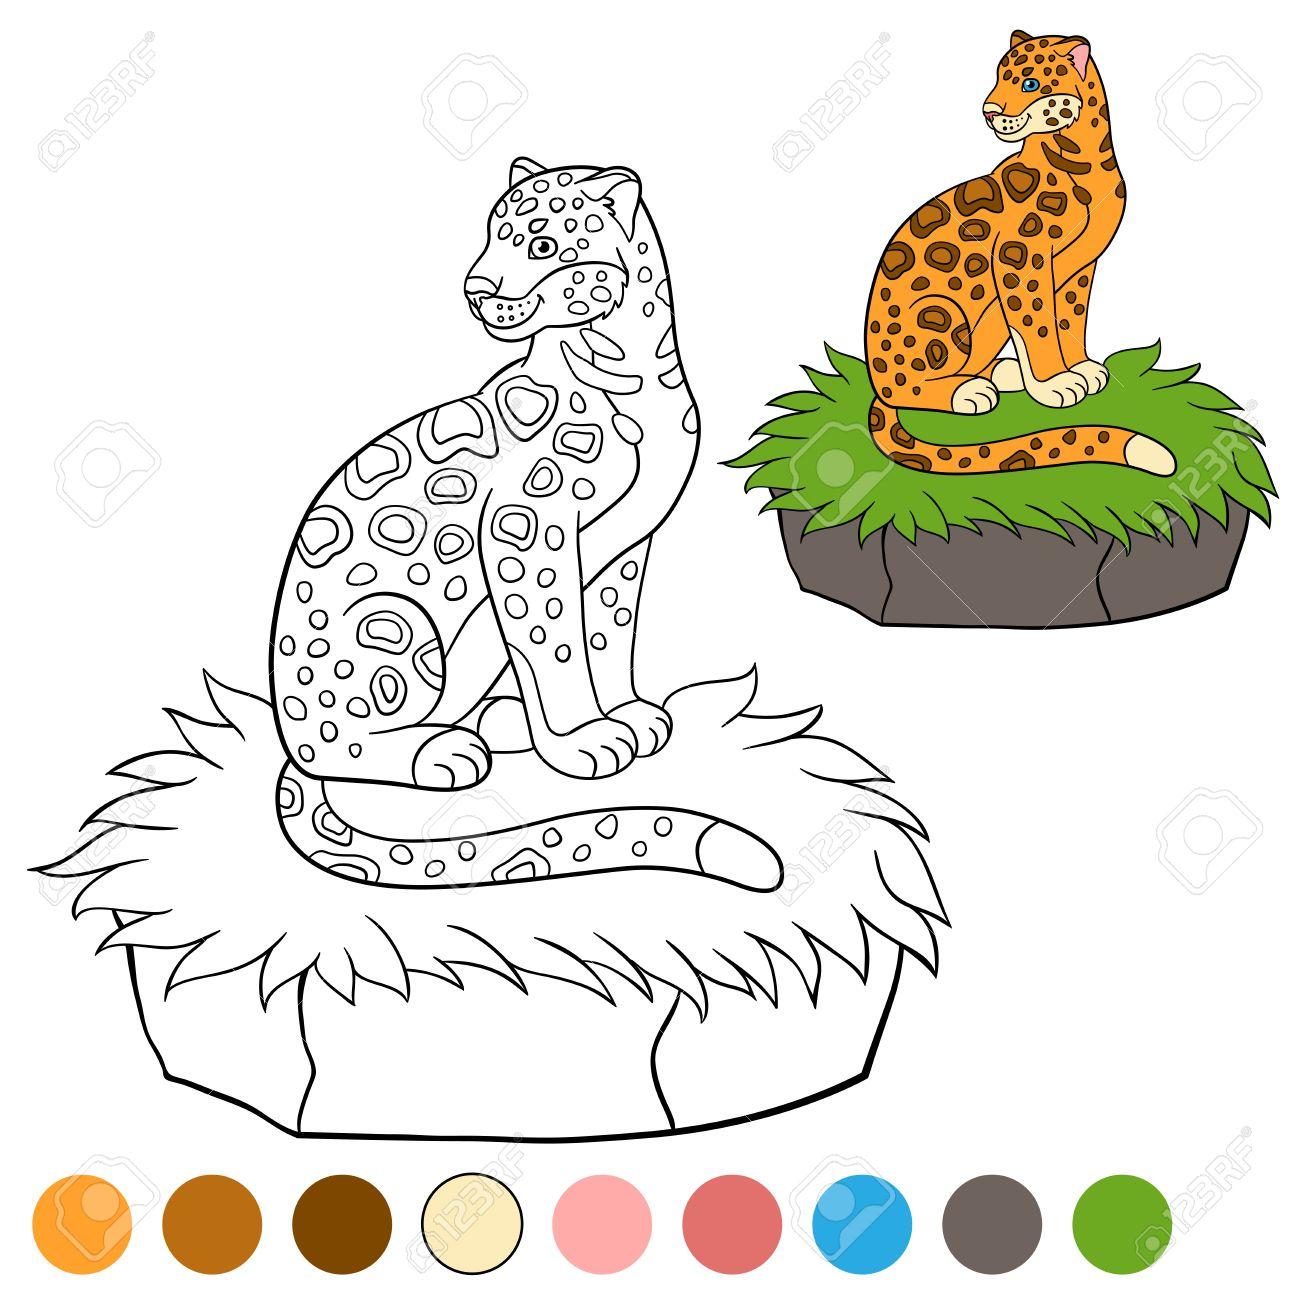 Dibujo Para Colorear Con Los Colores. Jaguar Lindo Se Sienta En El ...